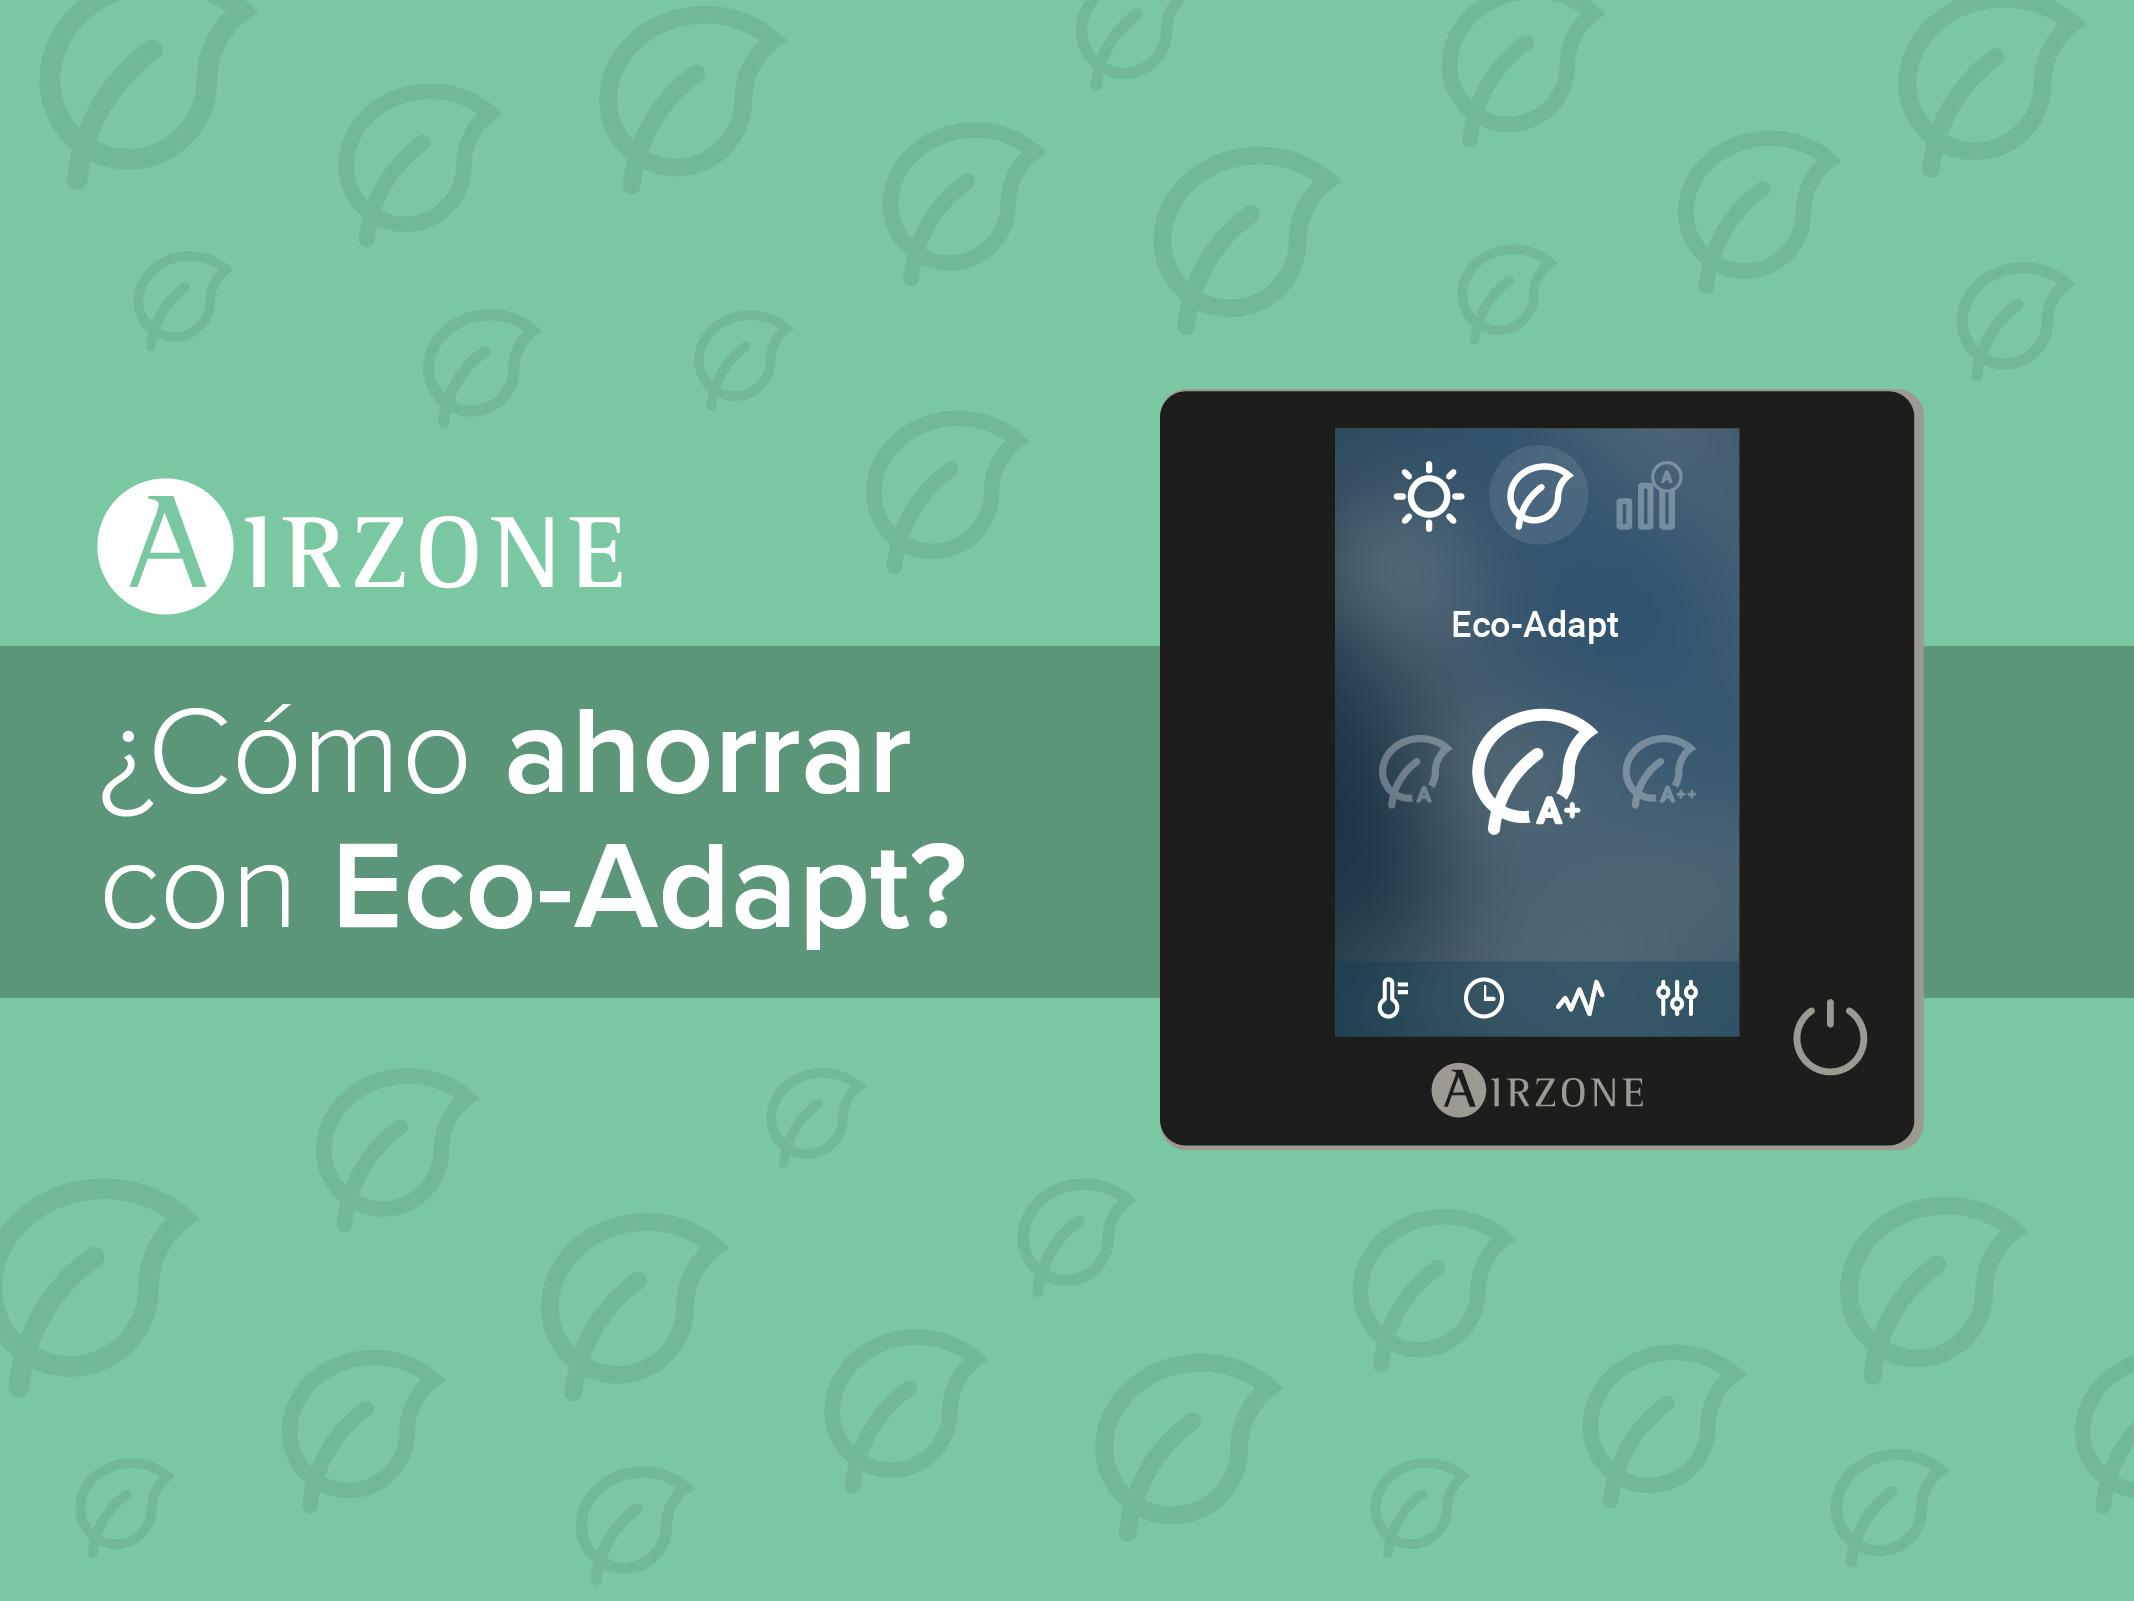 Algoritmo de eficiencia energética Eco-Adapt